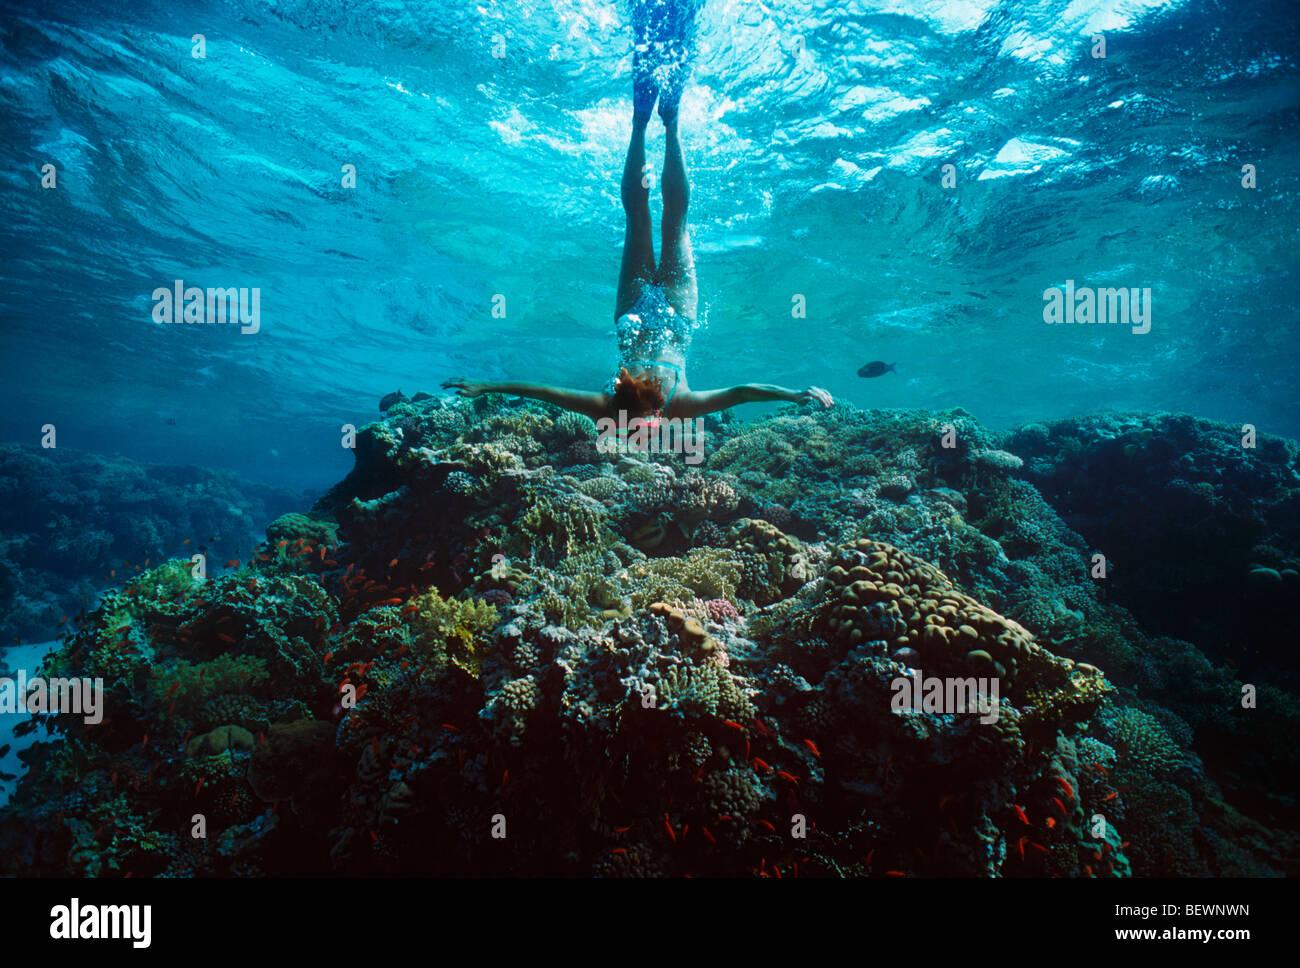 Free diver observe récif de corail. Sinaï, Egypte - Mer Rouge Photo Stock